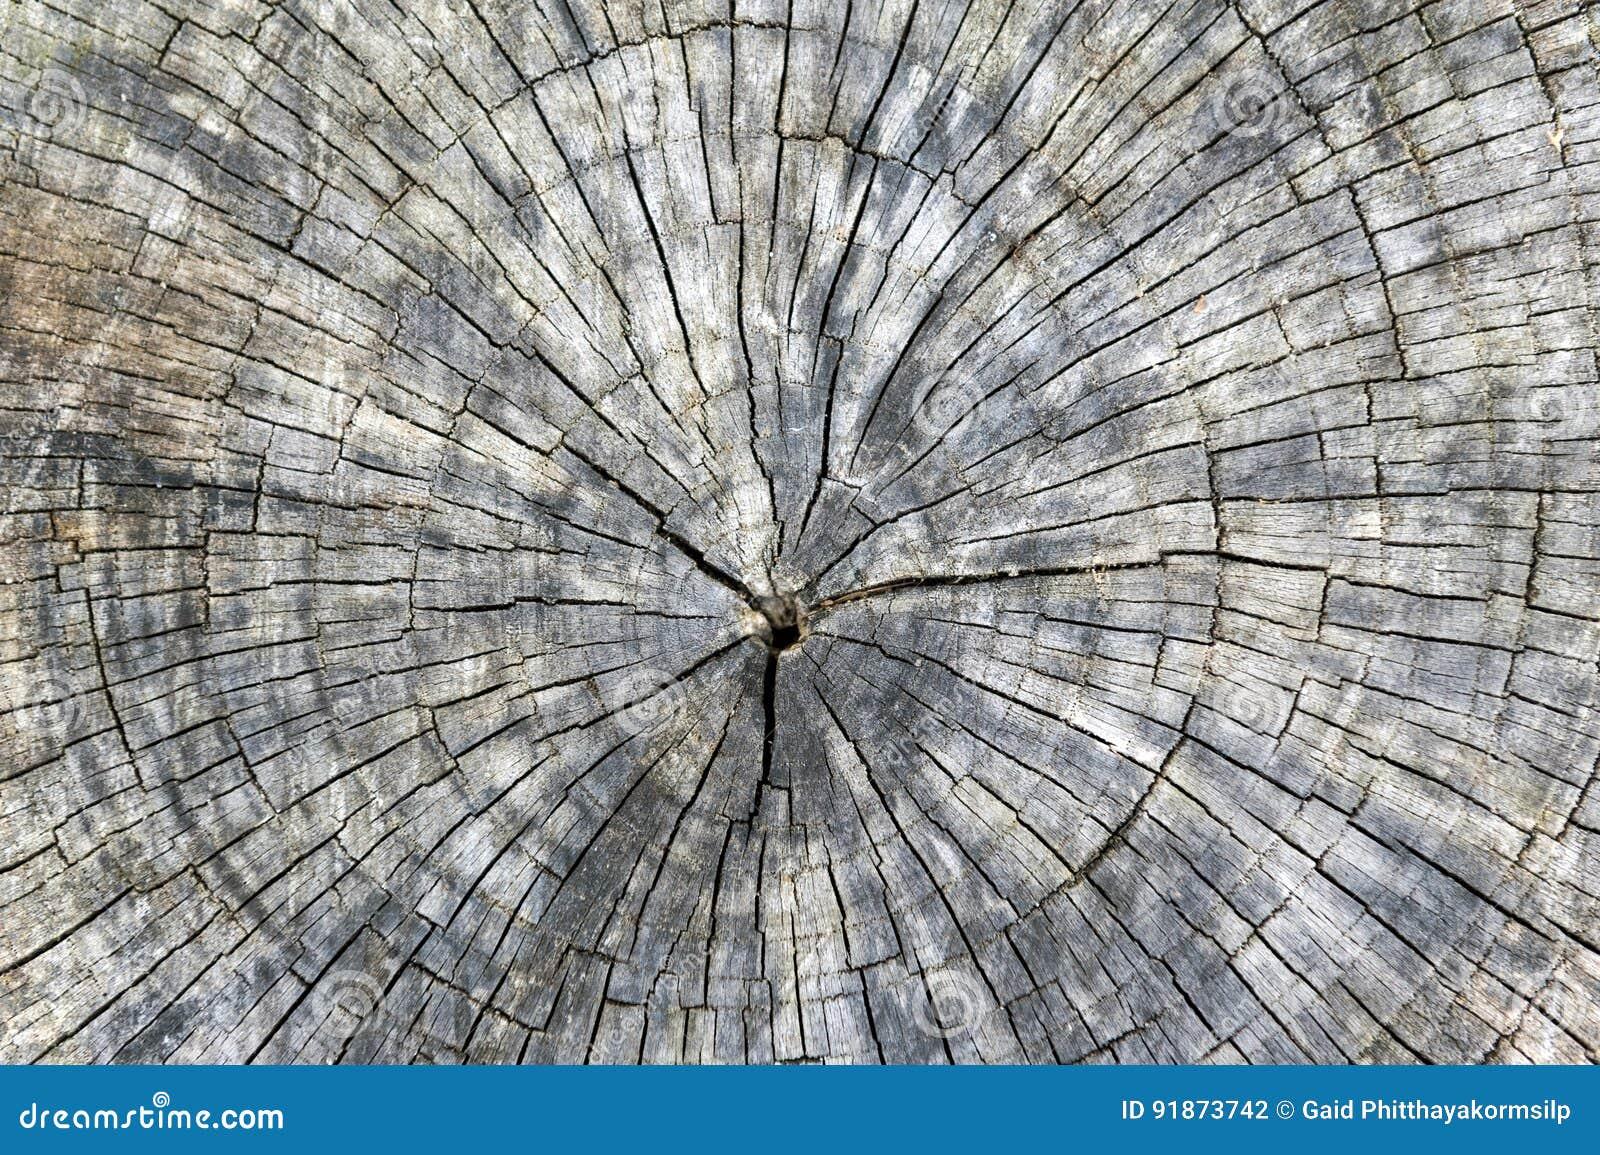 O corte do seção transversal do coto de árvore com anéis anuais e o fragmento texture o fundo